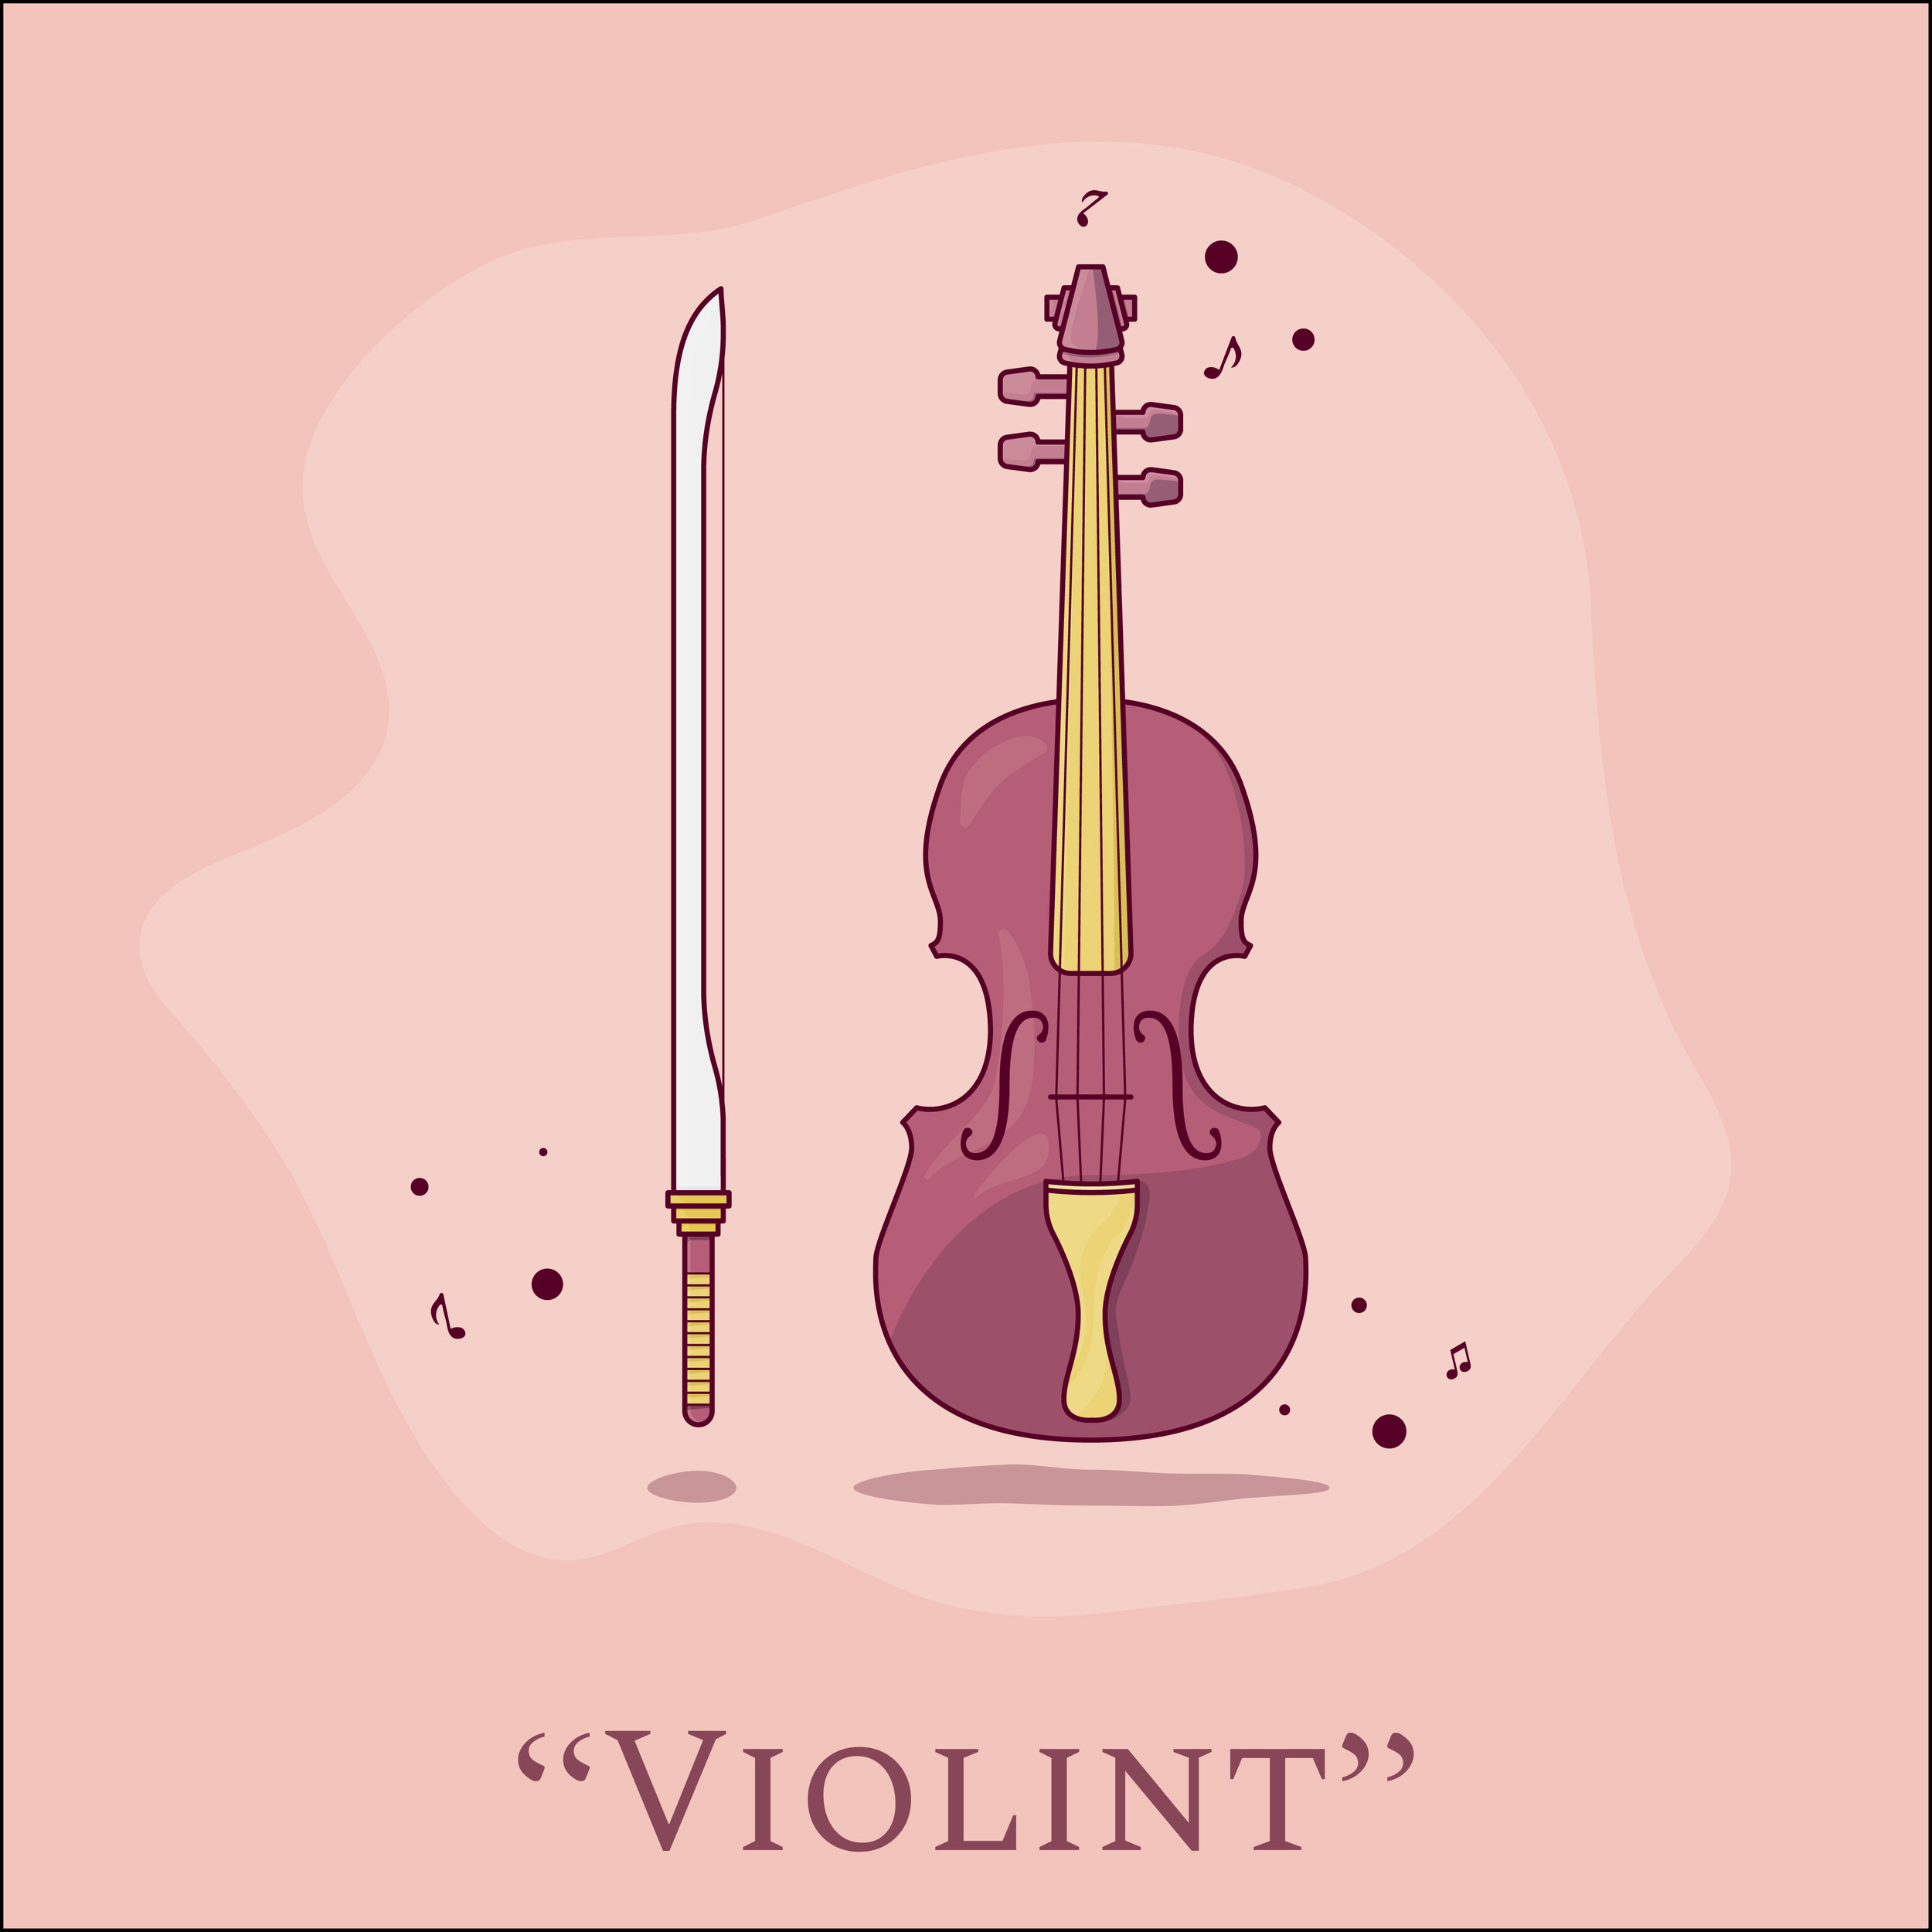 violent violin2-01.jpg